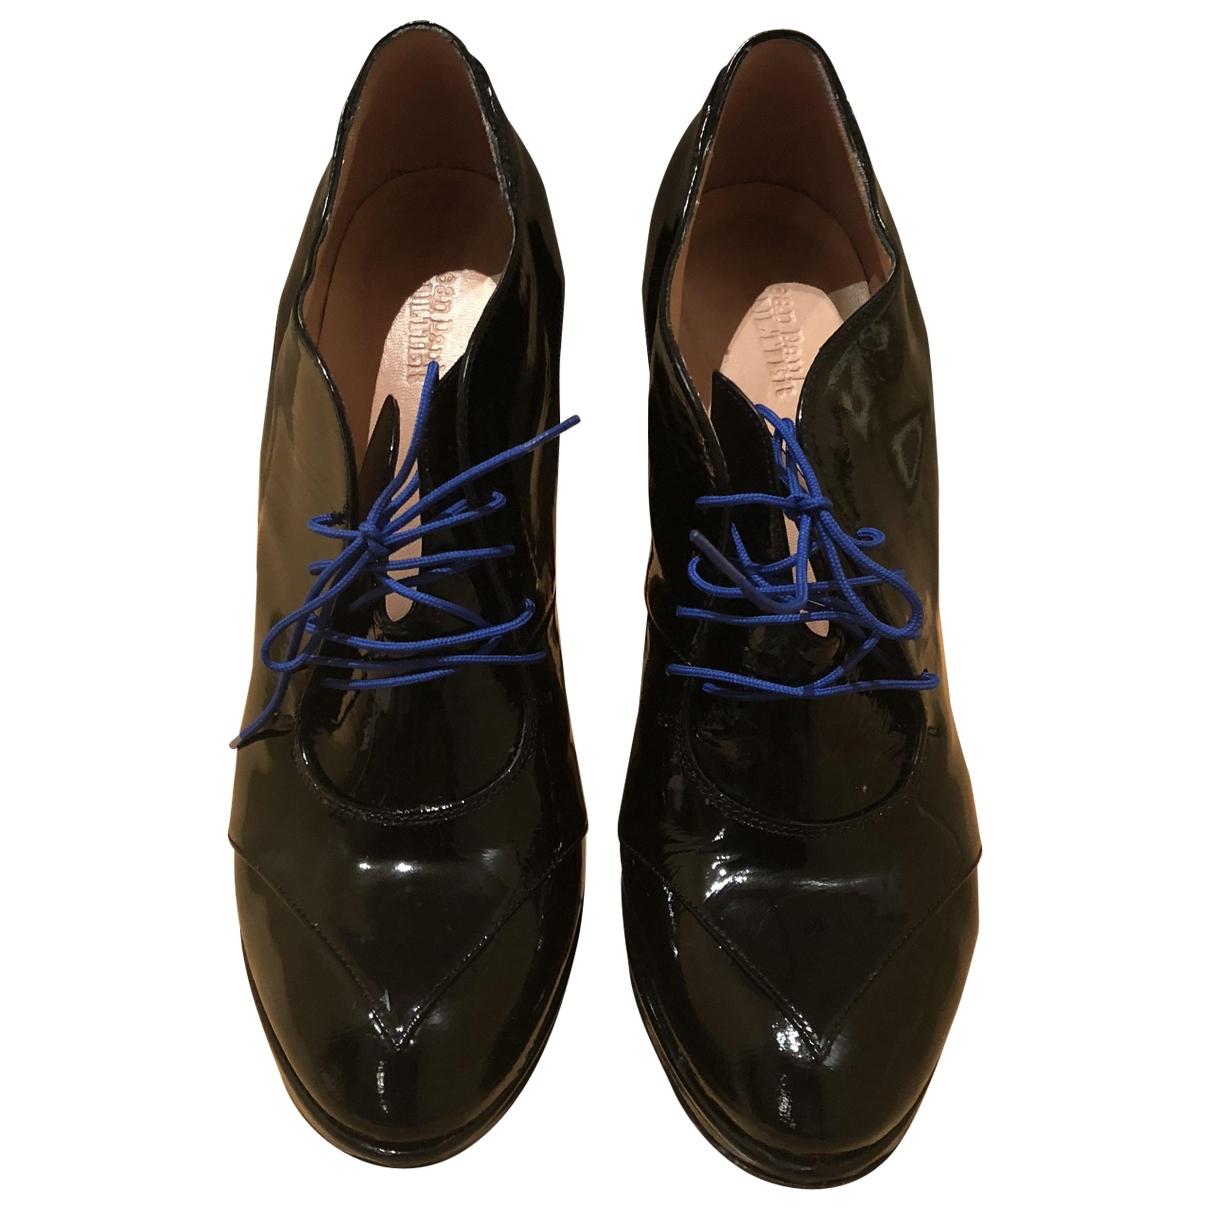 Jean Paul Gaultier - Boots   pour femme en cuir verni - noir